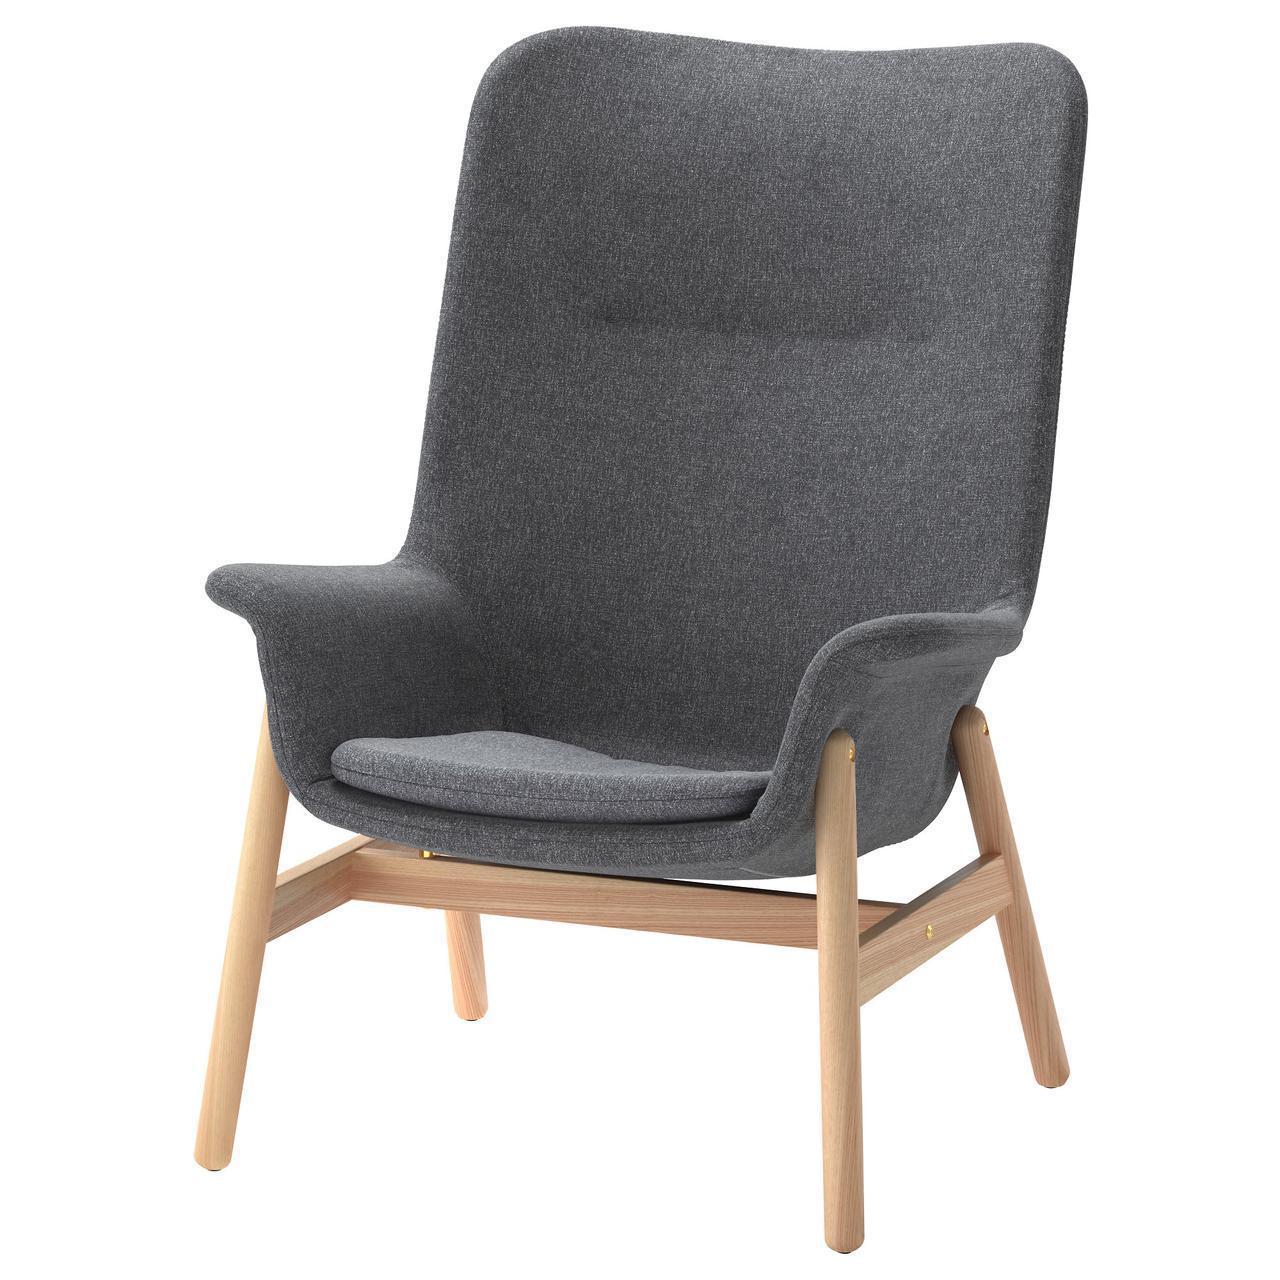 Кресло IKEA VEDBO Gunnared мягкое с высокой спинкой темно-серое 803.411.75